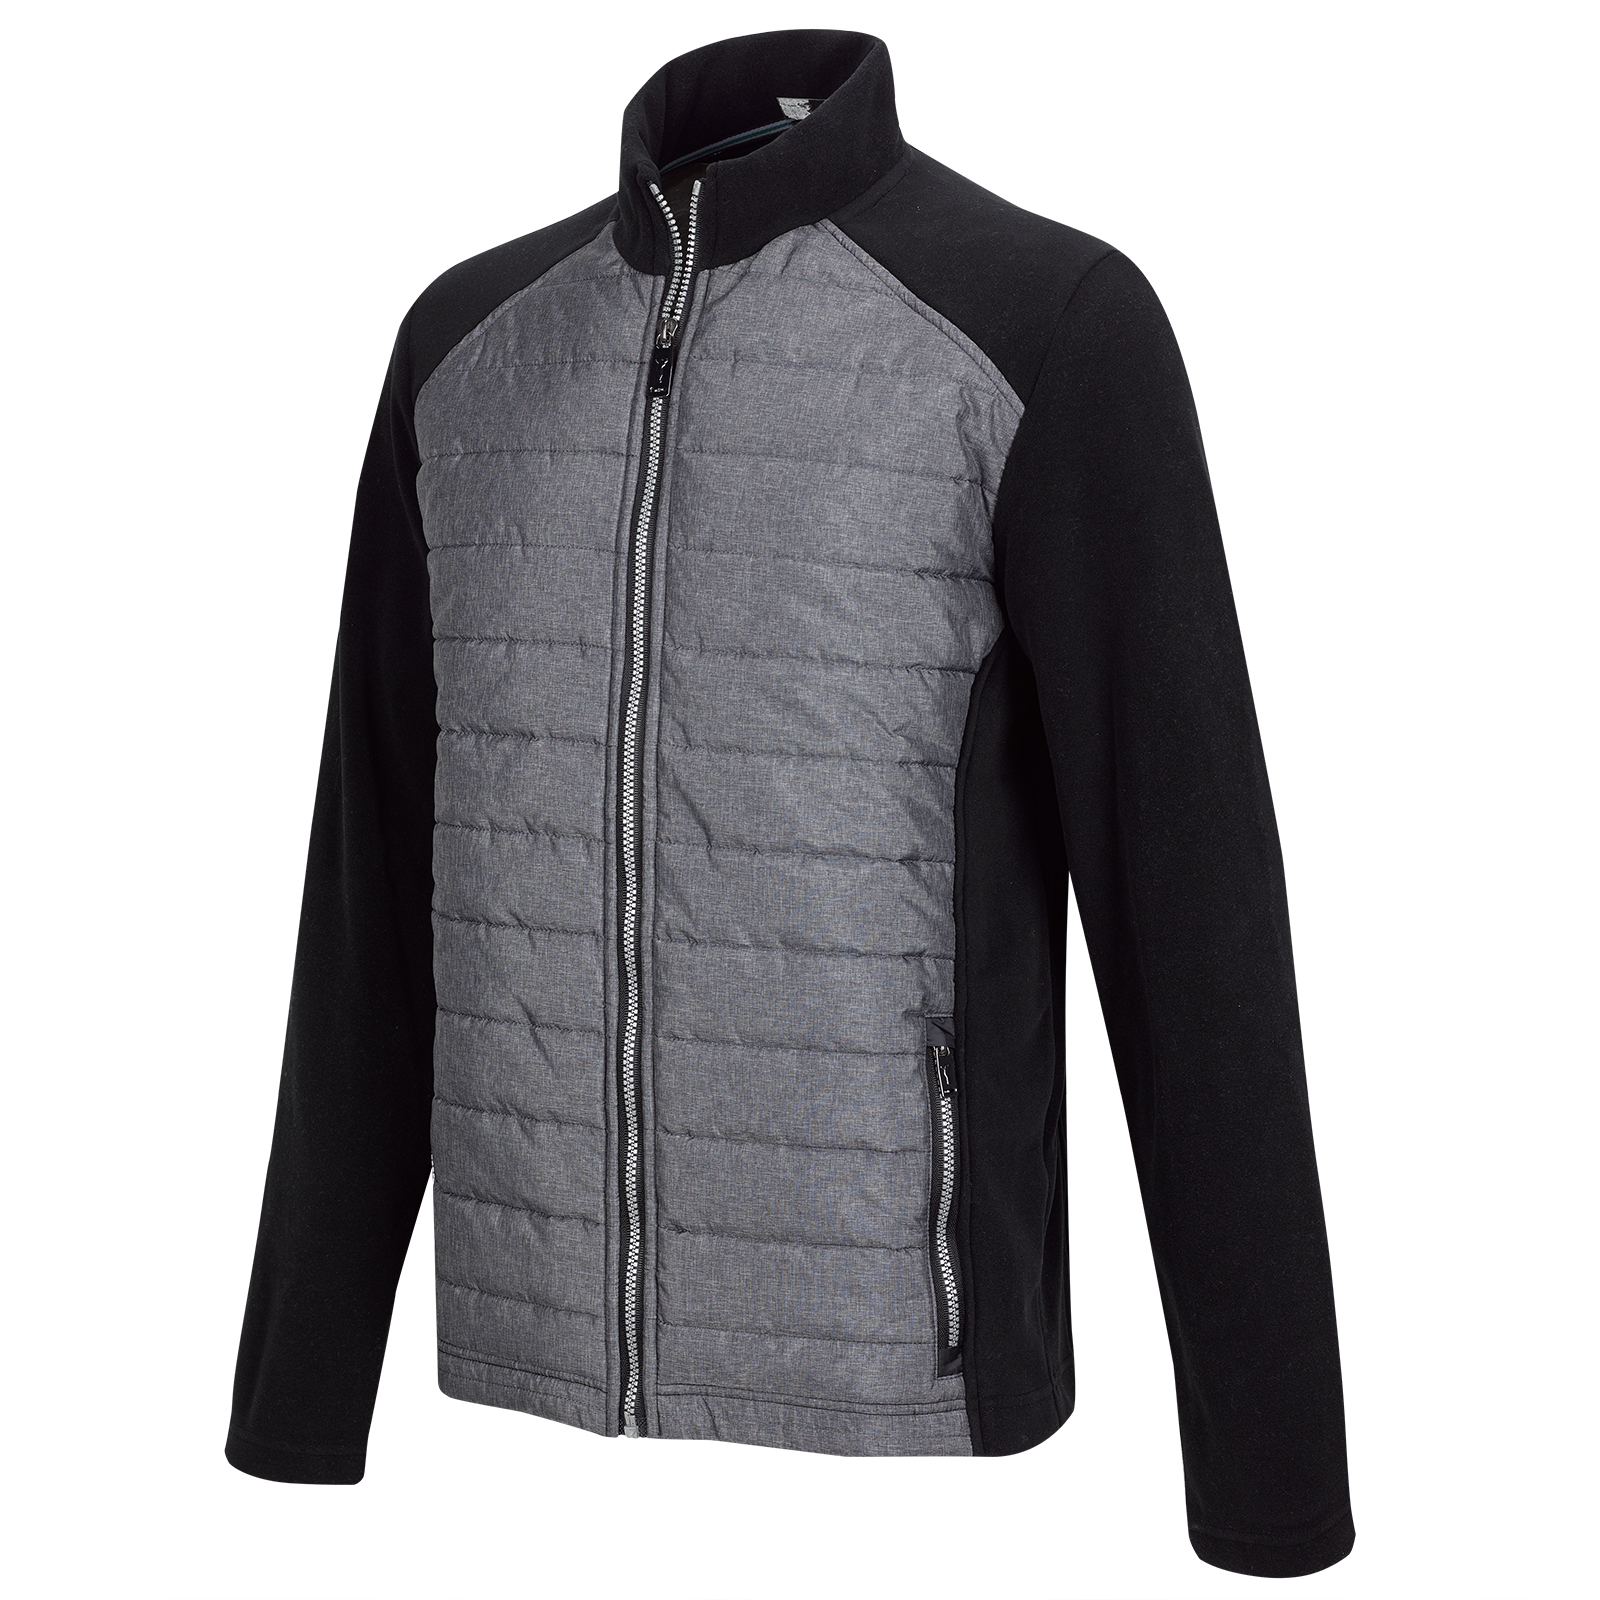 Micro Fleece Herren Midlayer Golfjacke Cold Protection mit Steppelementen